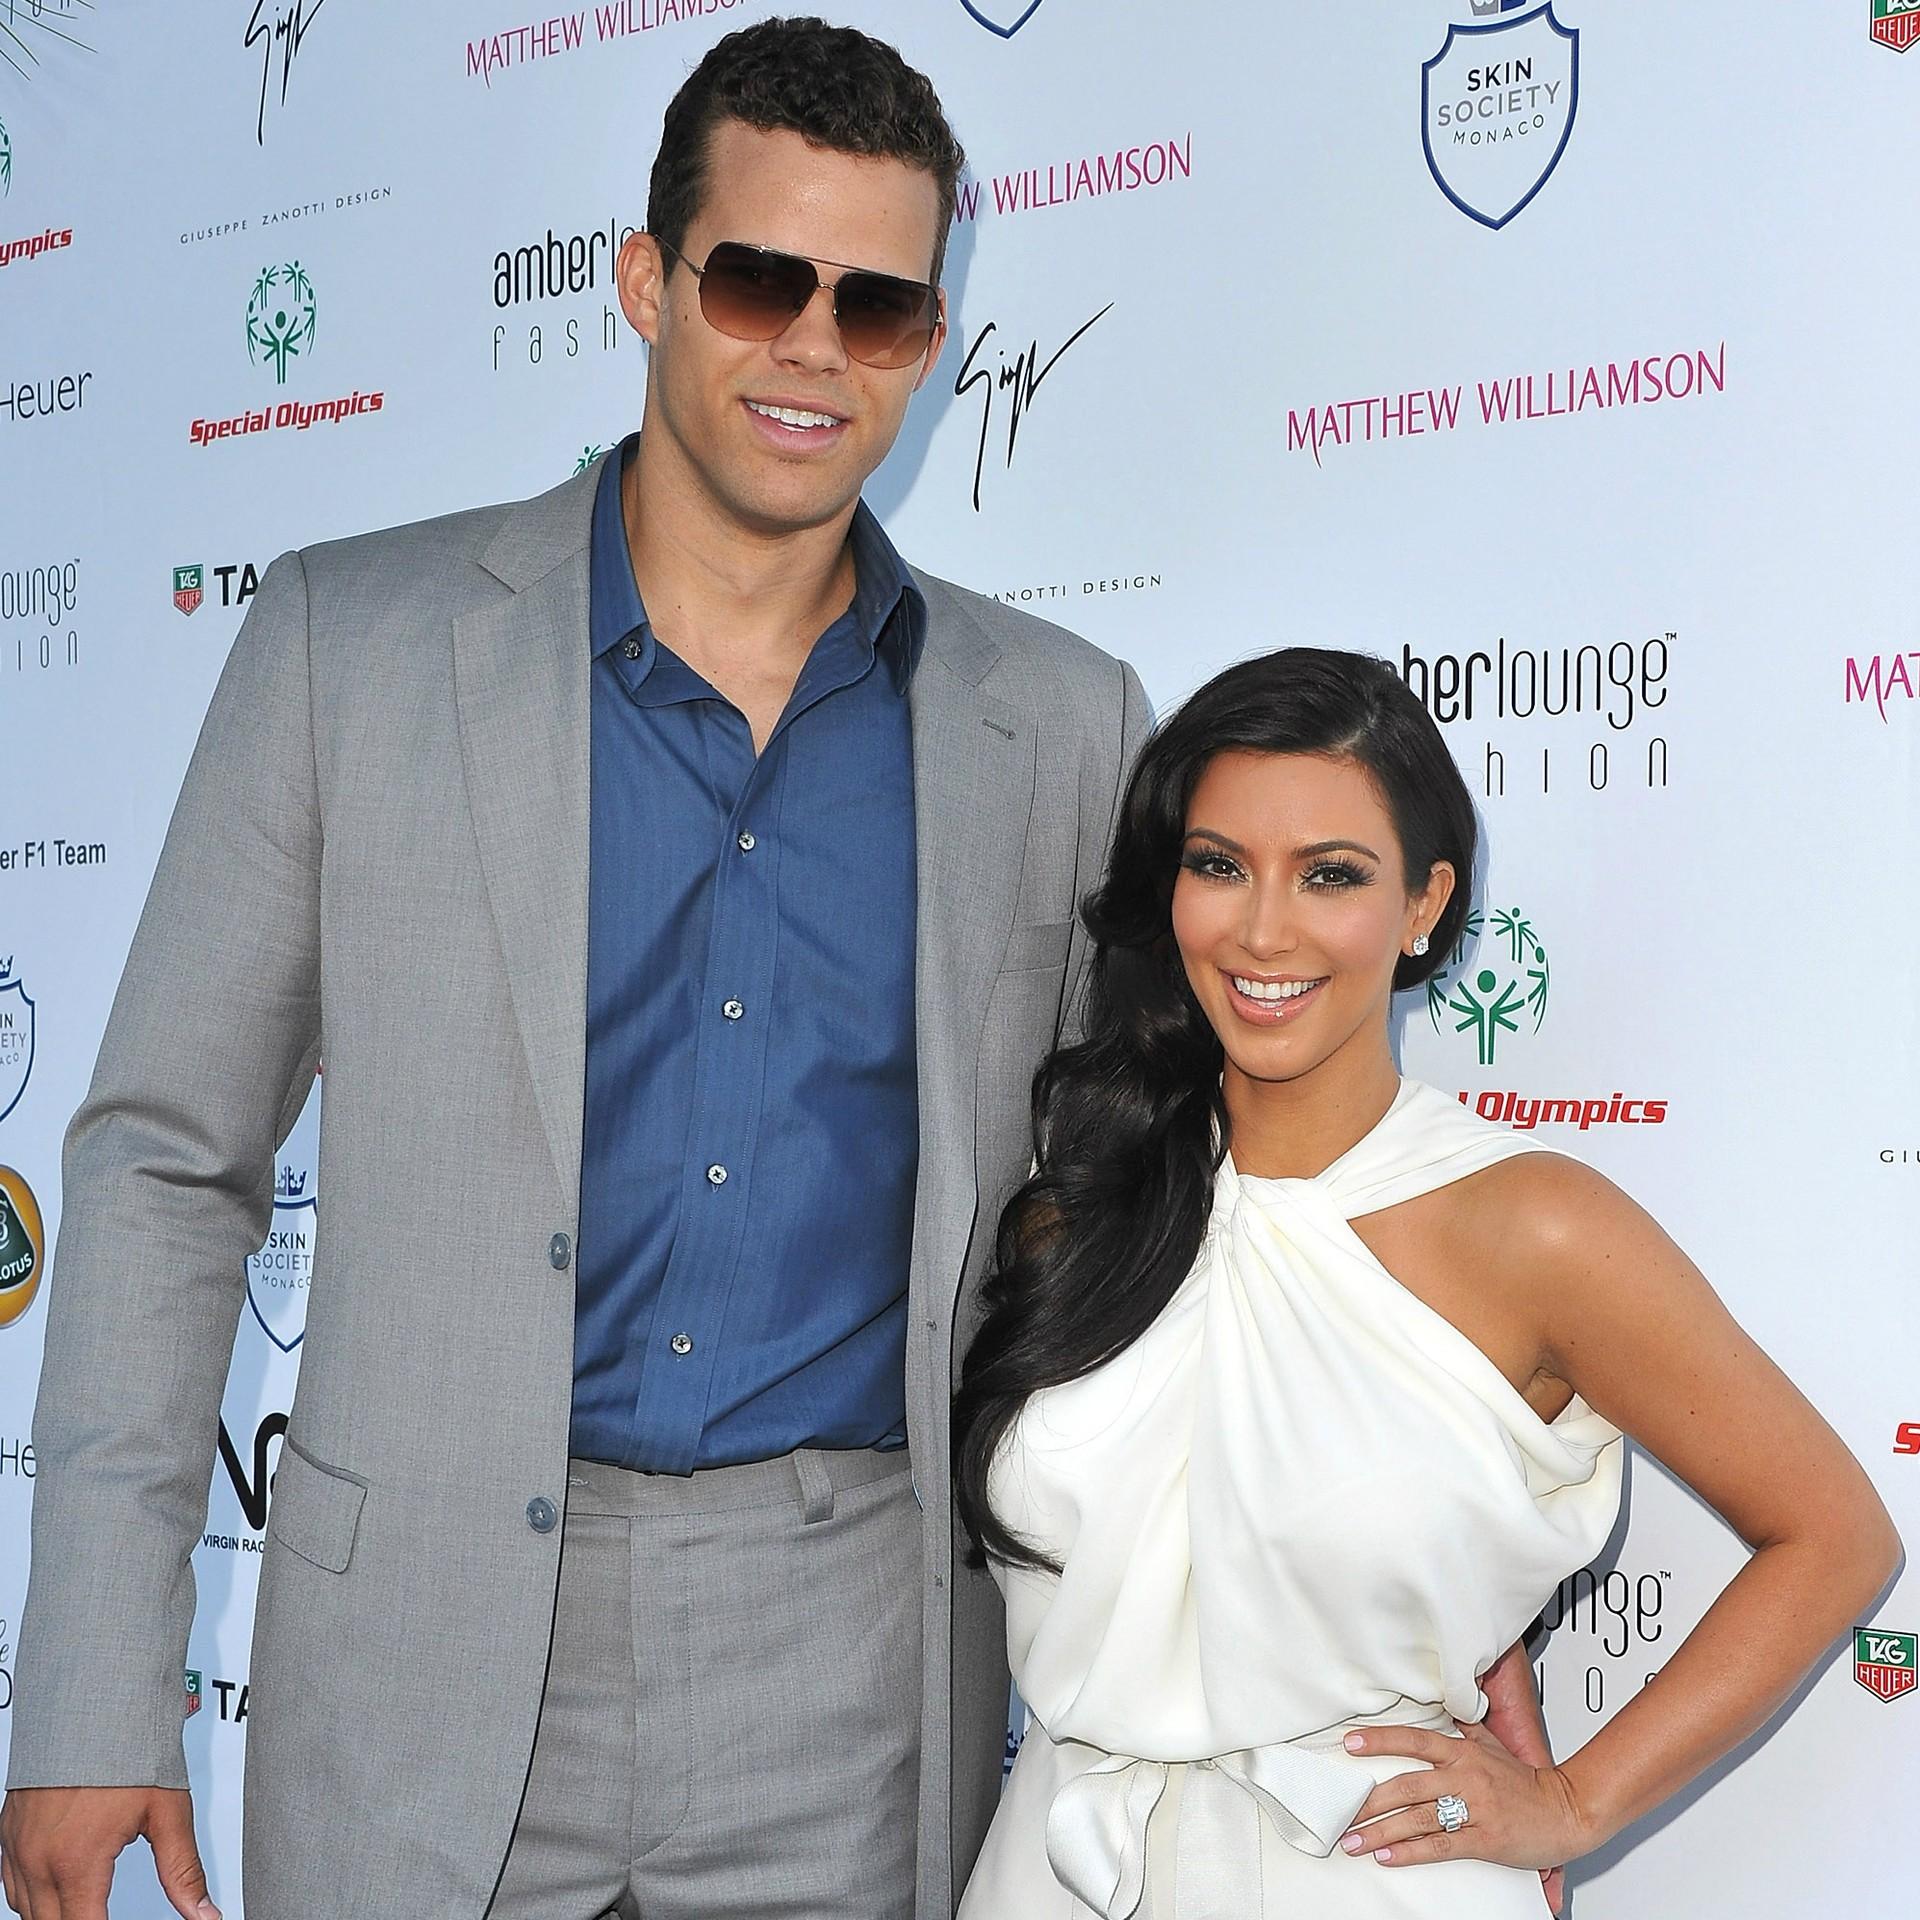 O casamento da socialite Kim Kardashian, de 33 anos, com o jogador de basquete Kris Humphries, de 29, em outubro de 2011 parece ter sido só um espetáculo para a TV. Duas semanas depois de a cerimônia ir ao ar, ela pediu divórcio. (Foto: Getty Images)